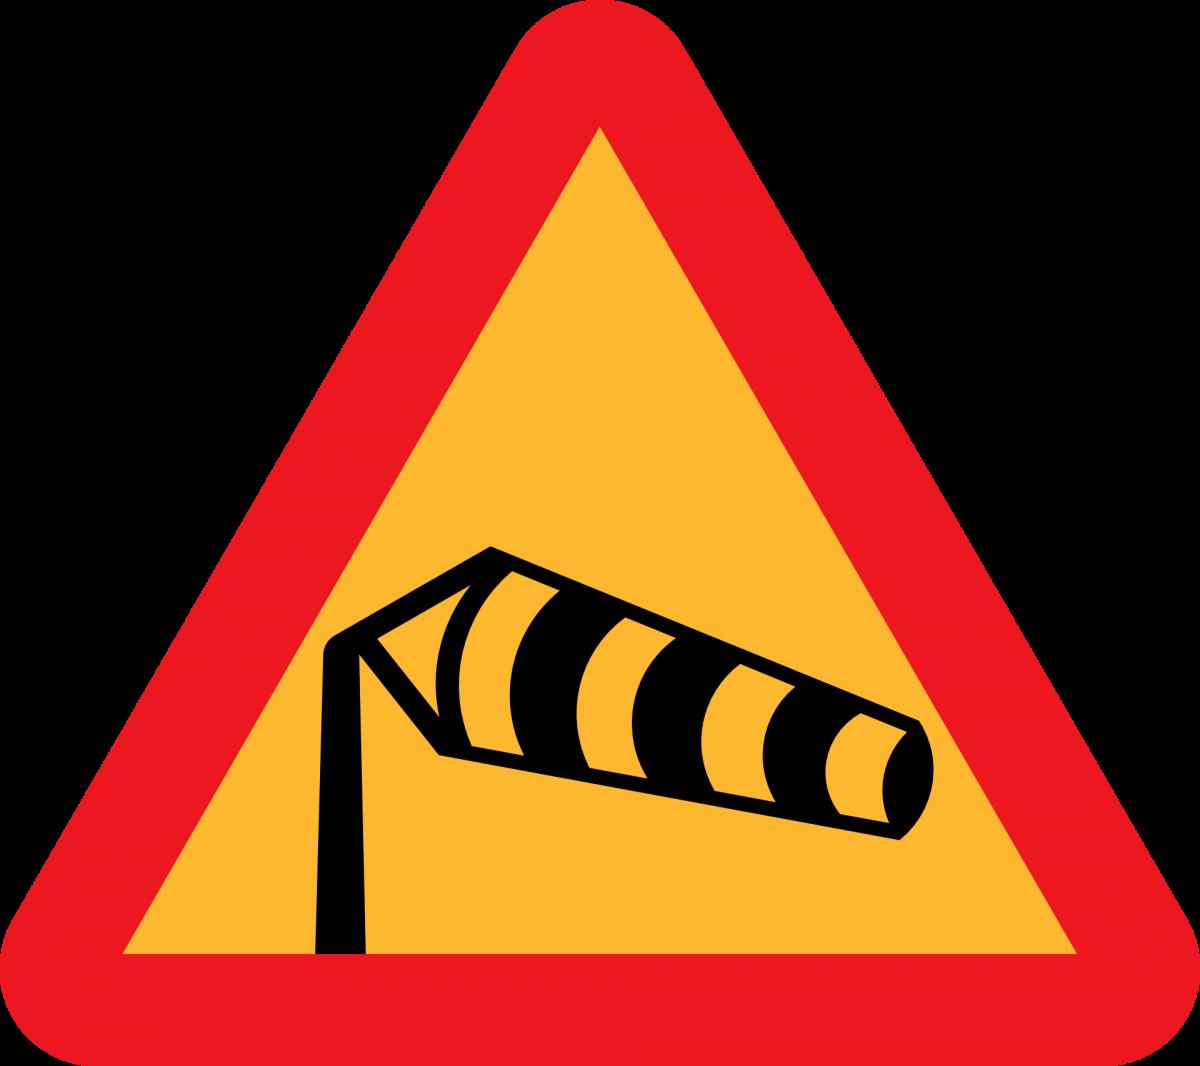 Znak Uawga boczny wiatr